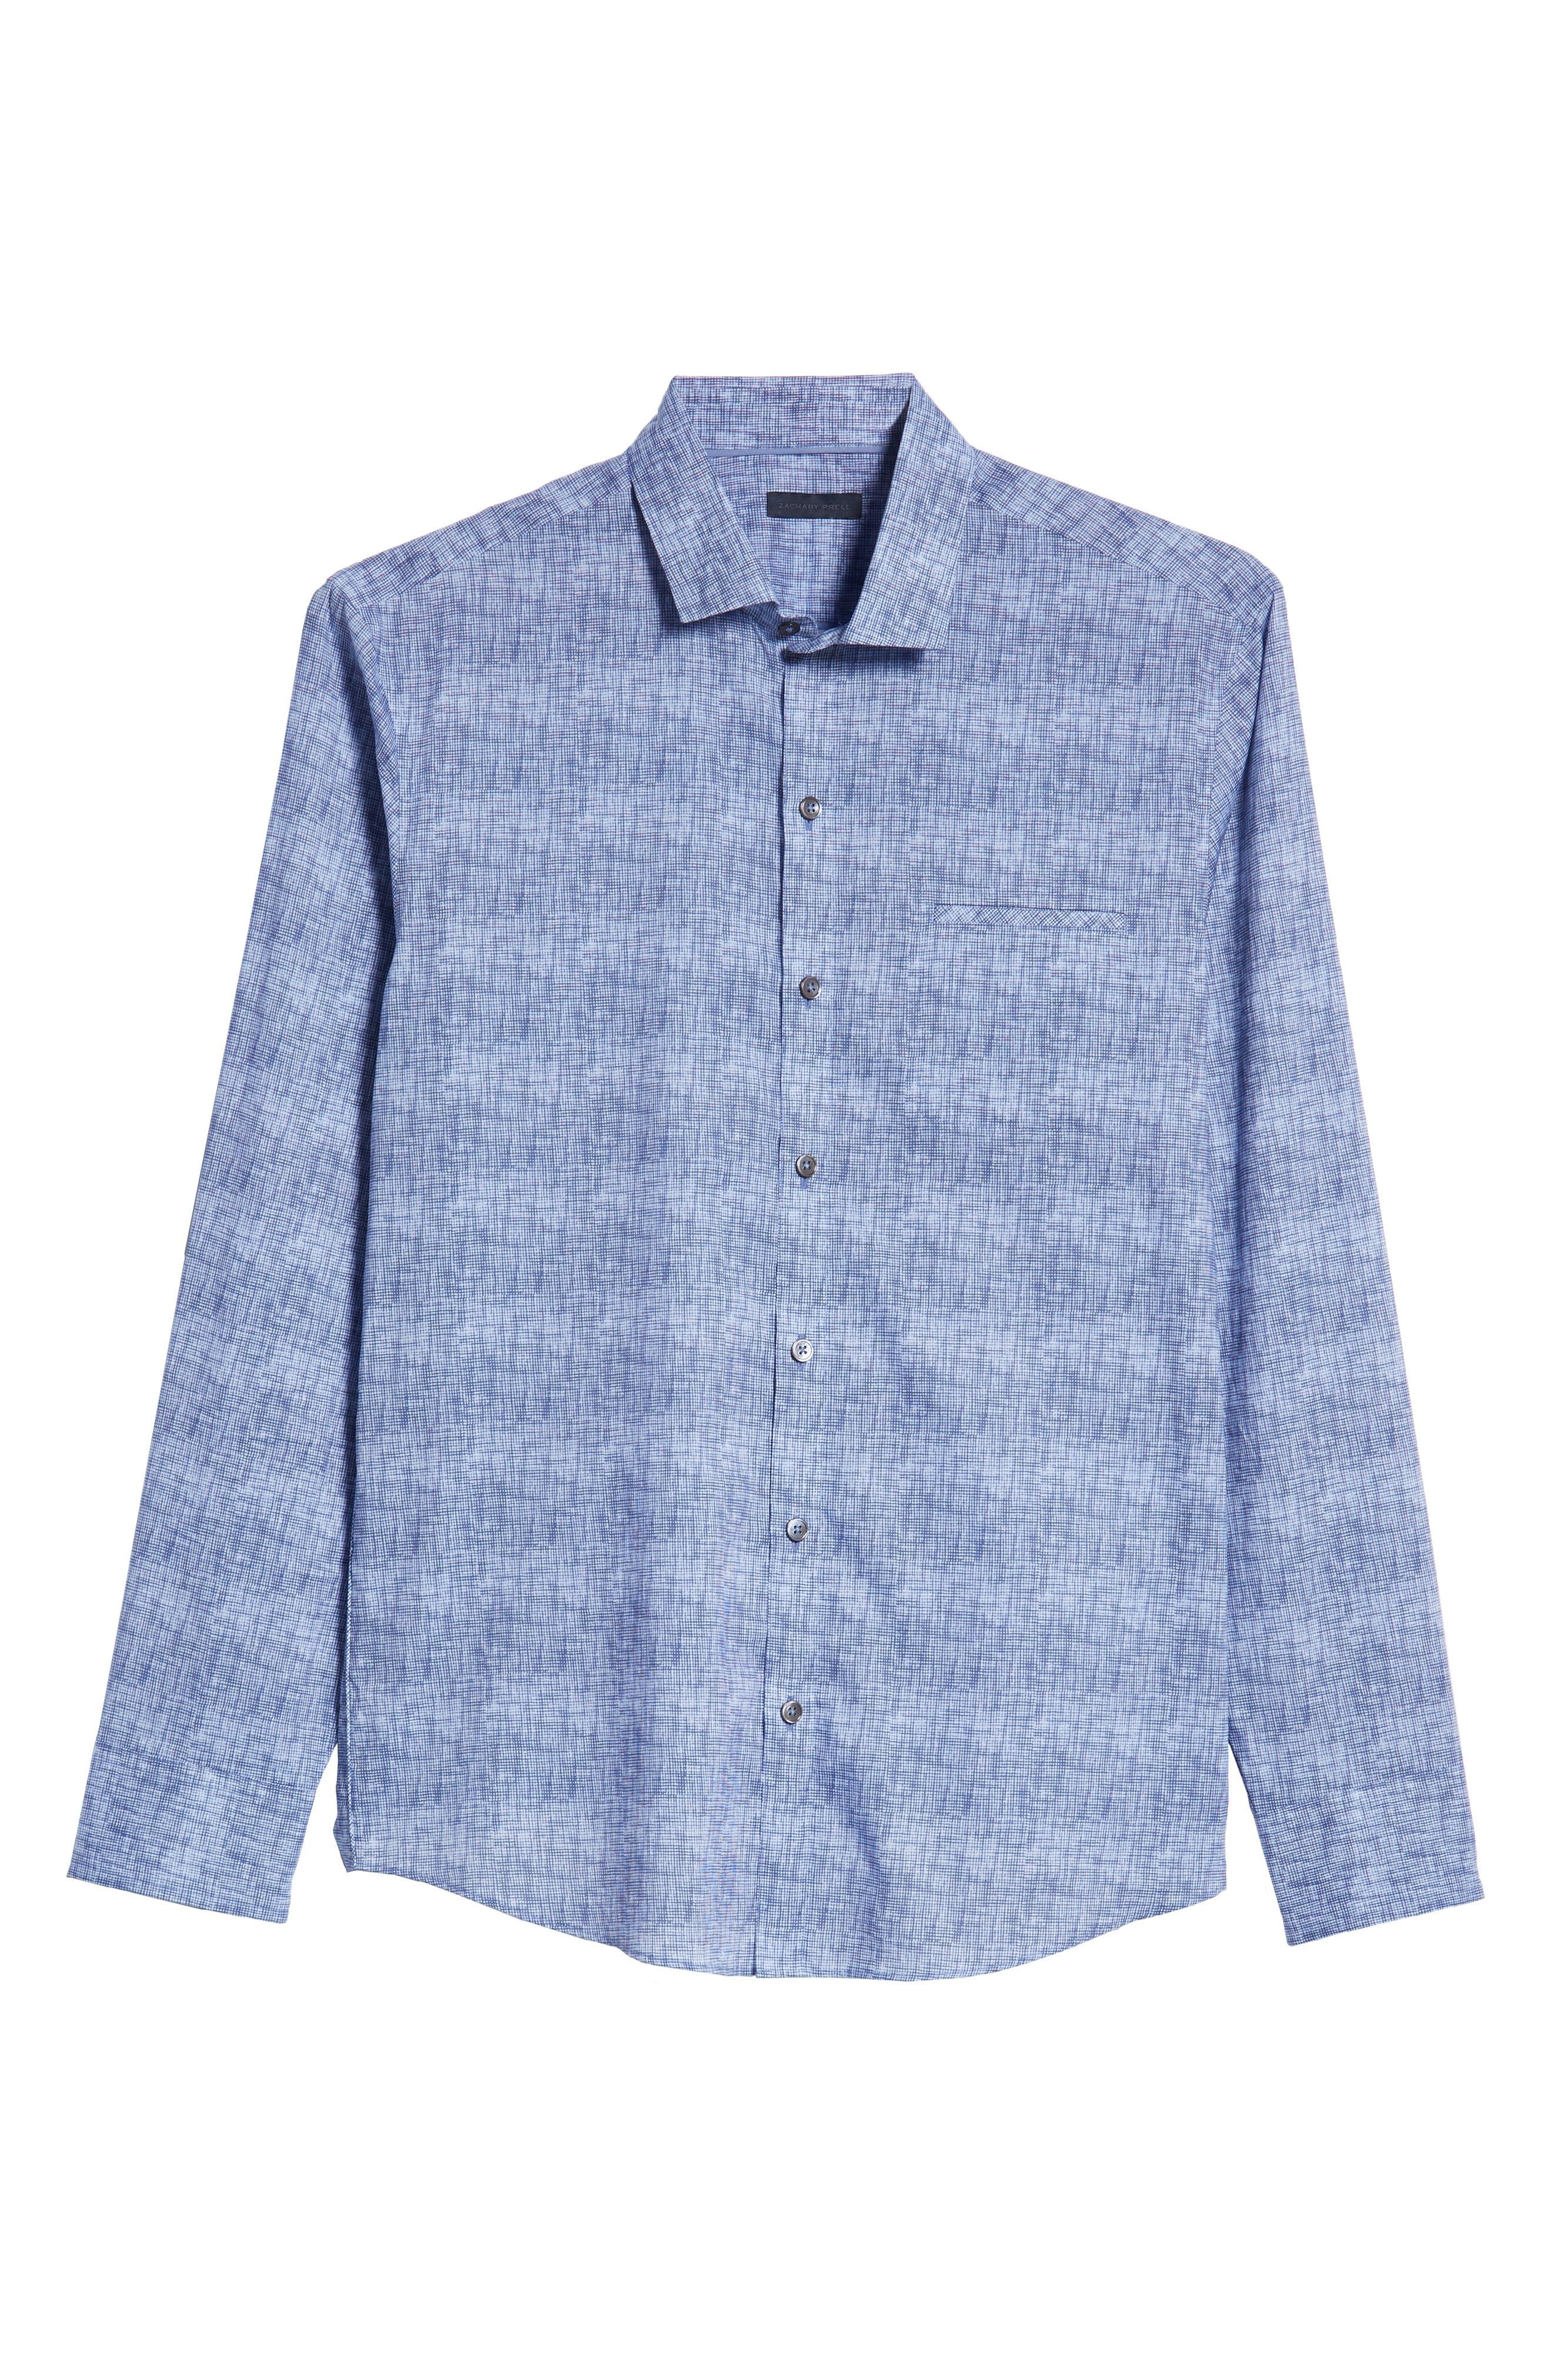 ZACHARY PRELL, Oppong Regular Fit Sport Shirt, Alternate thumbnail 5, color, 400